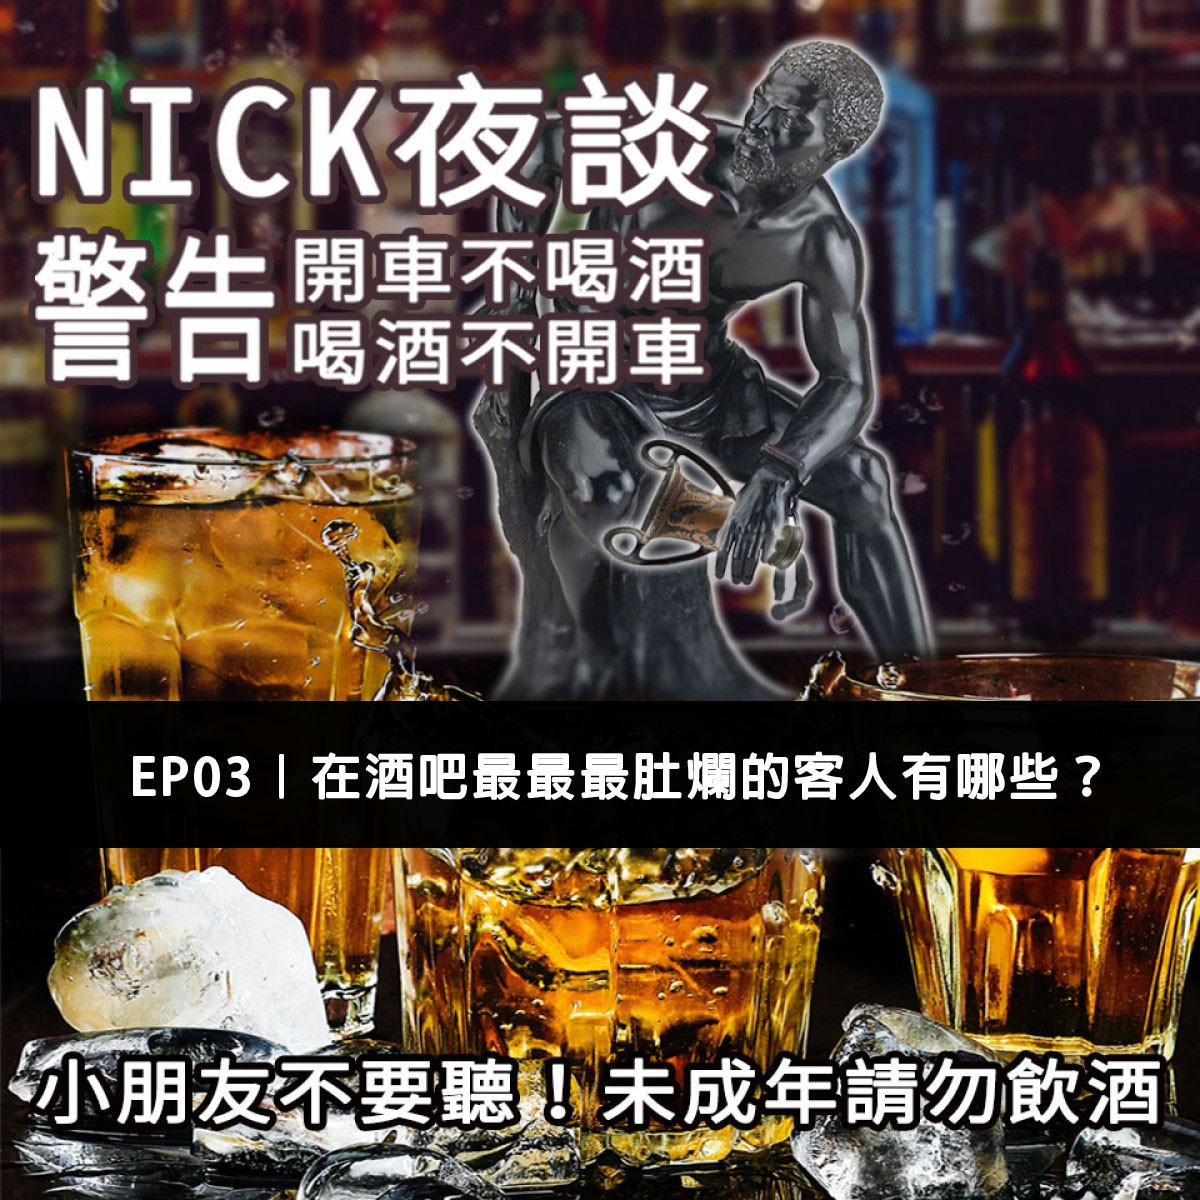 夜談第一季EP03|在酒吧最最最肚爛的客人有哪些?